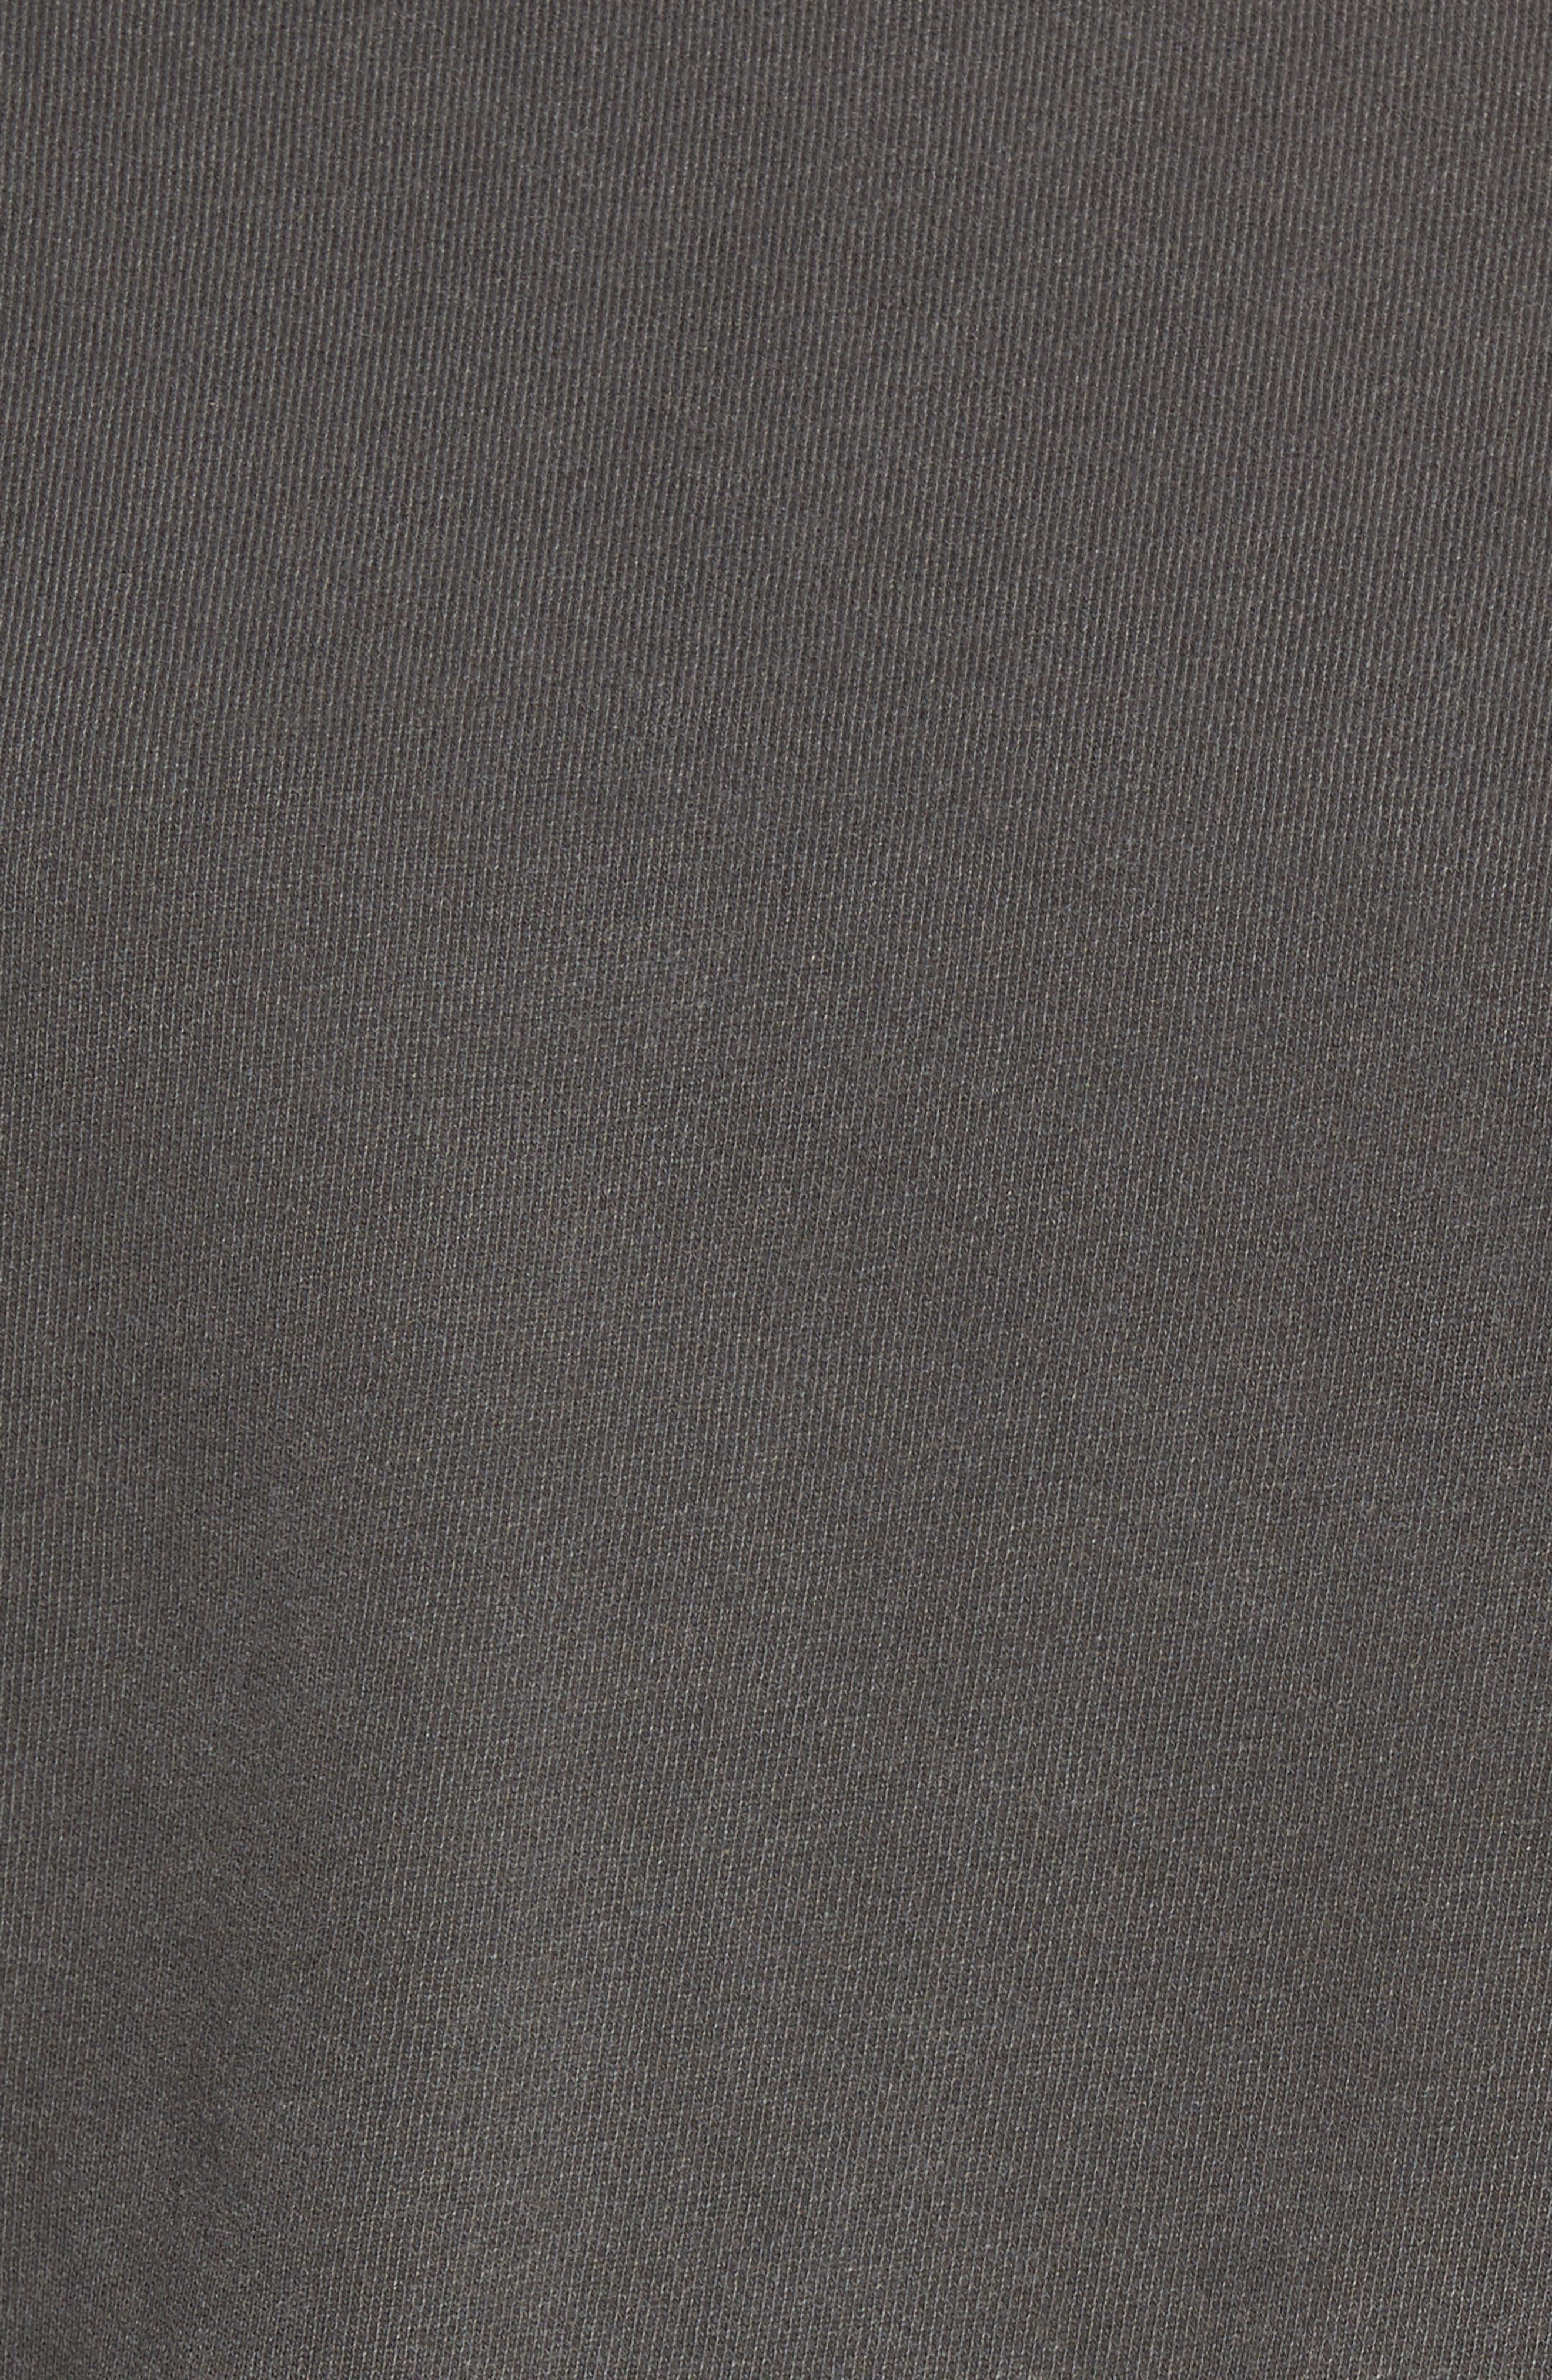 Alternate Image 5  - AG Diana Distressed Sweatshirt